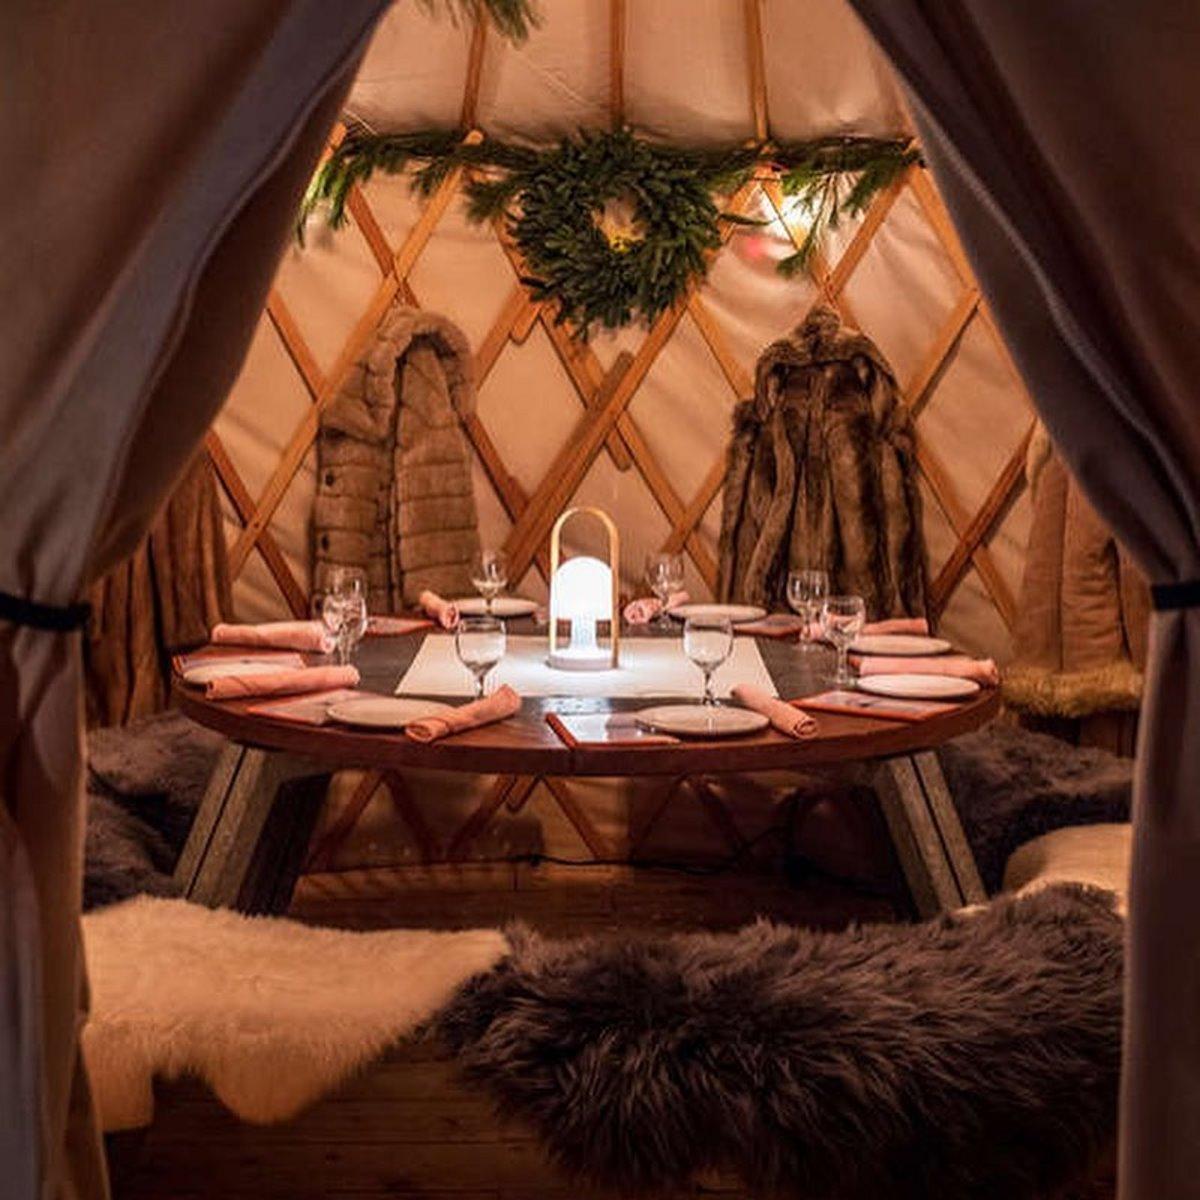 Εστιατόριο χειμώνα Aurum Food & Wine σκηνές ρουστίκ